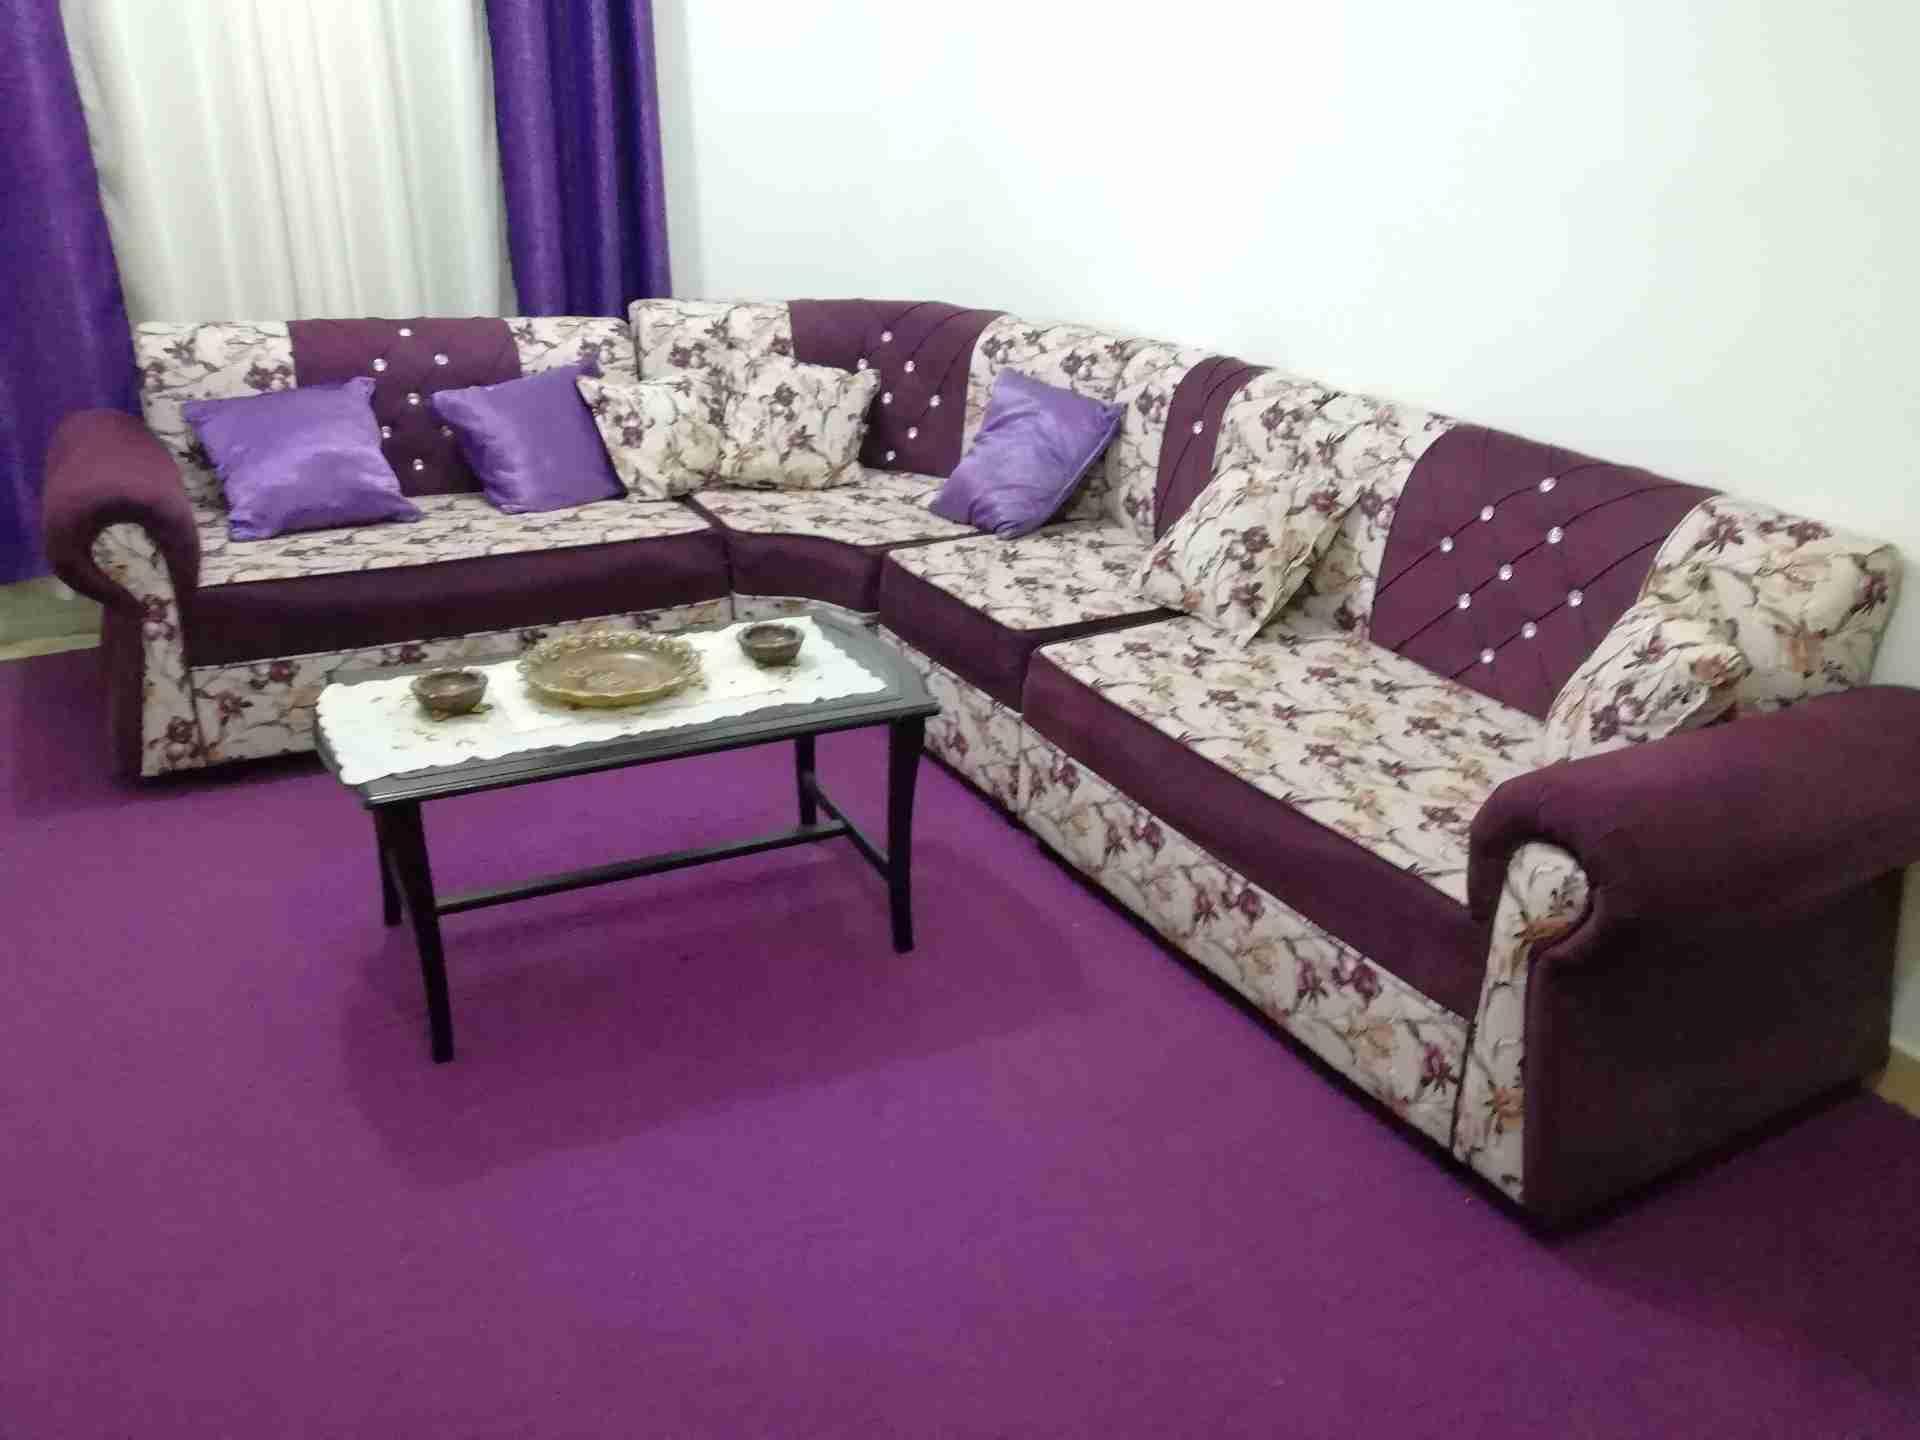 all new furniture-  كنب كورنر 7 مقاعد استعمال...